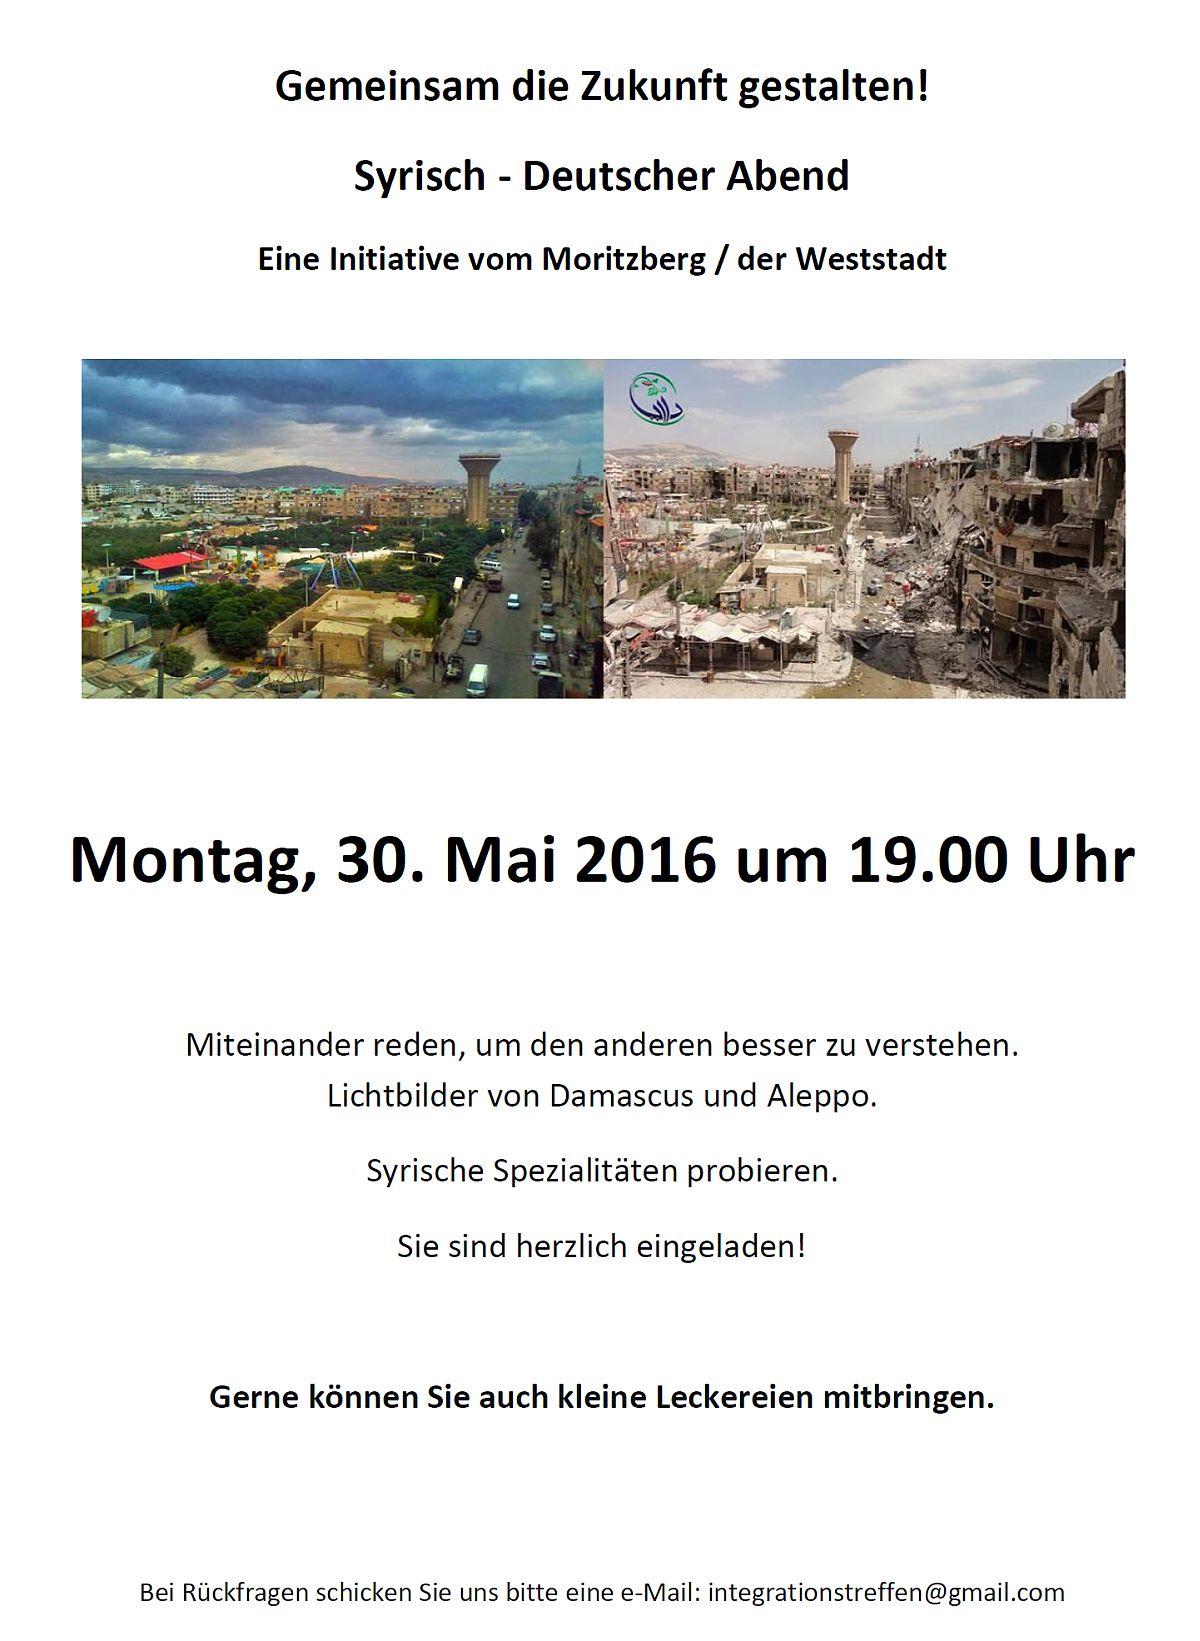 syrisch-deutscher-abend 2016_06-06